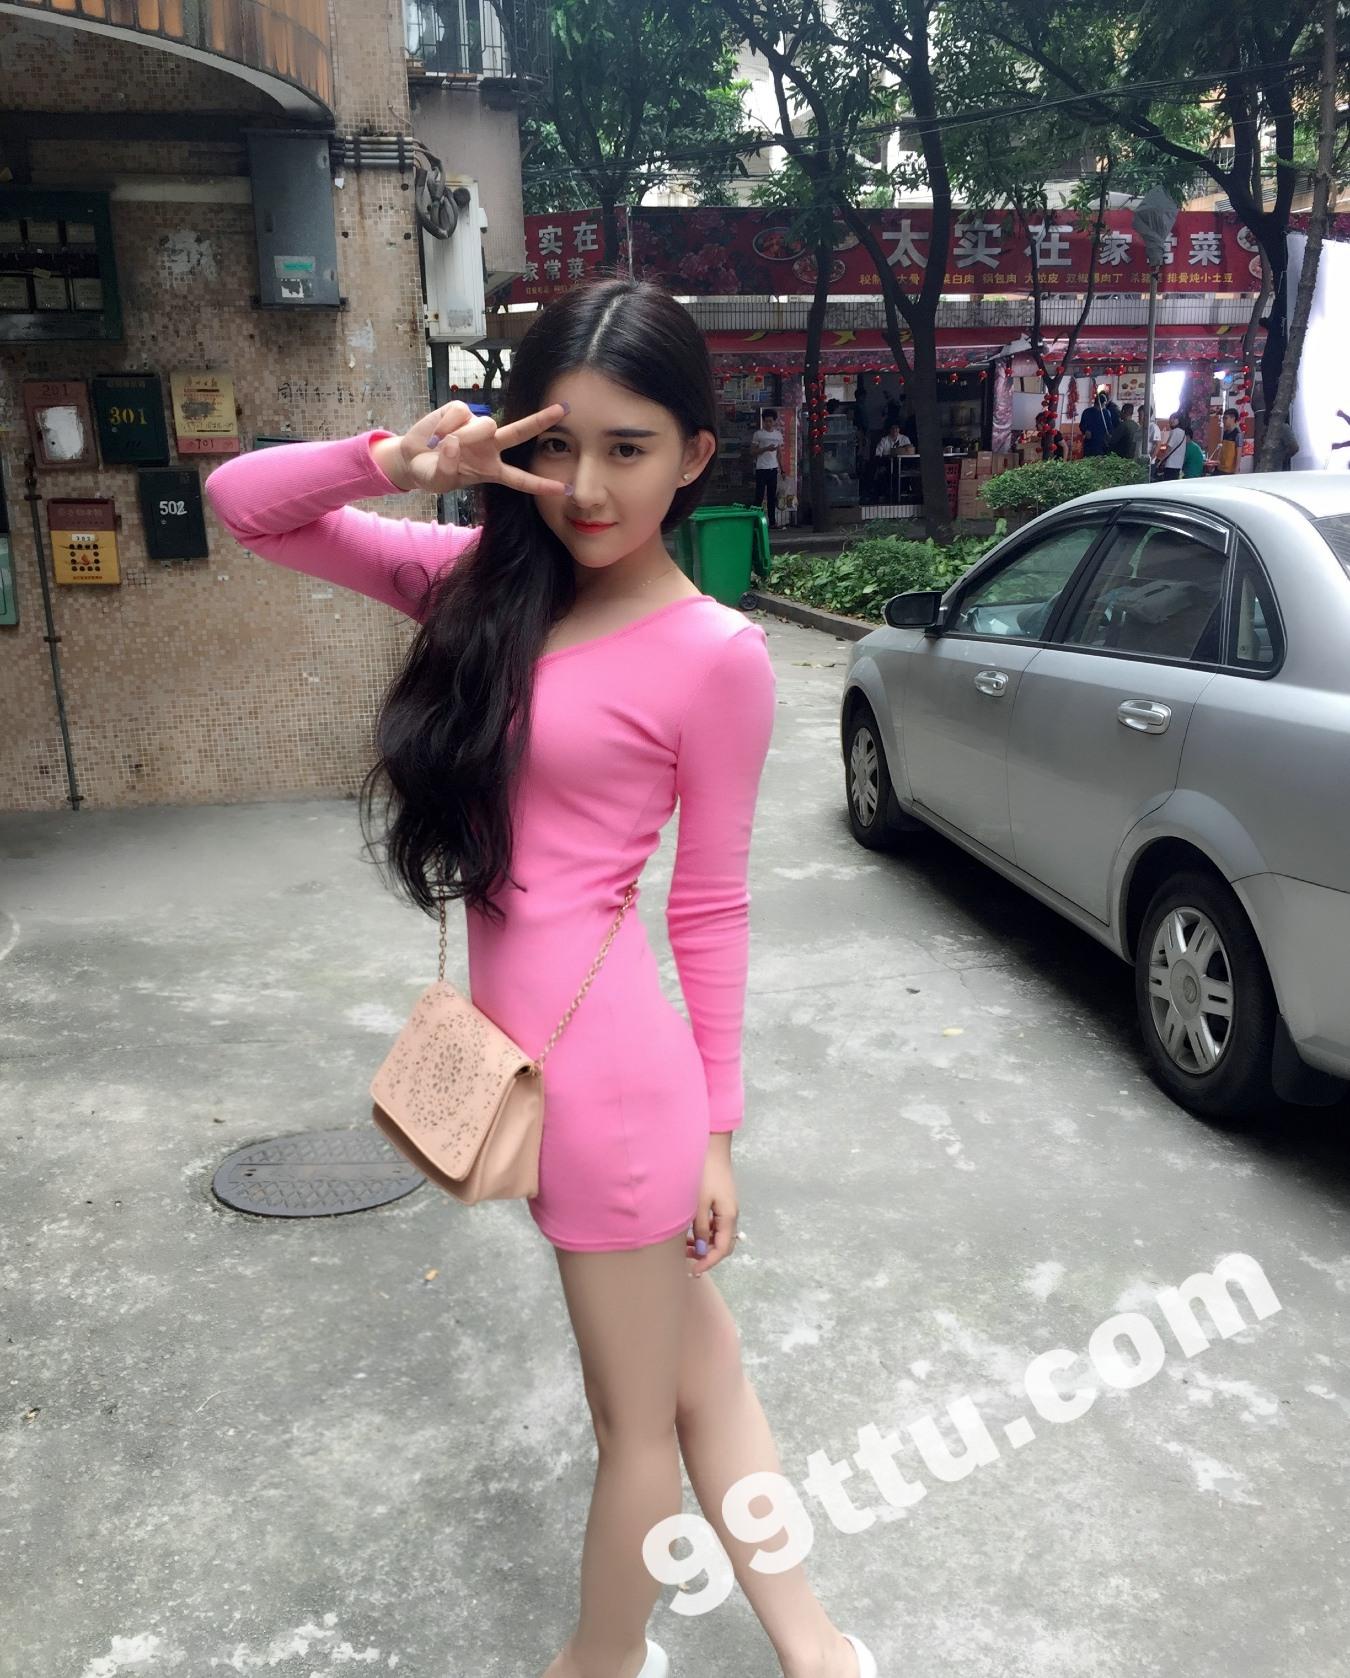 ZZ01_2298图 时尚美女网恋照片生活照套图-13